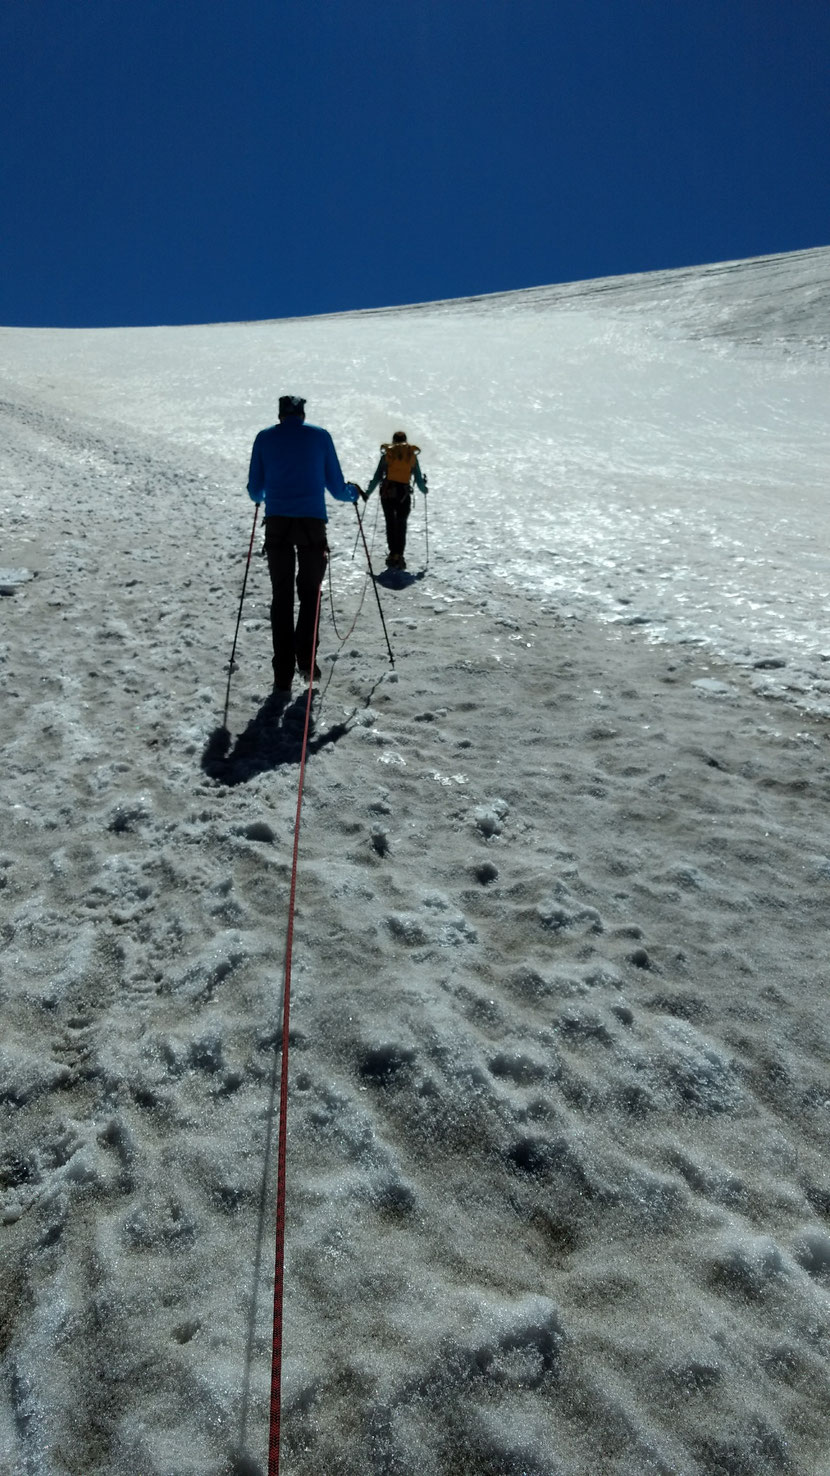 Am Seil der Bergführerin gehts weiter hinauf